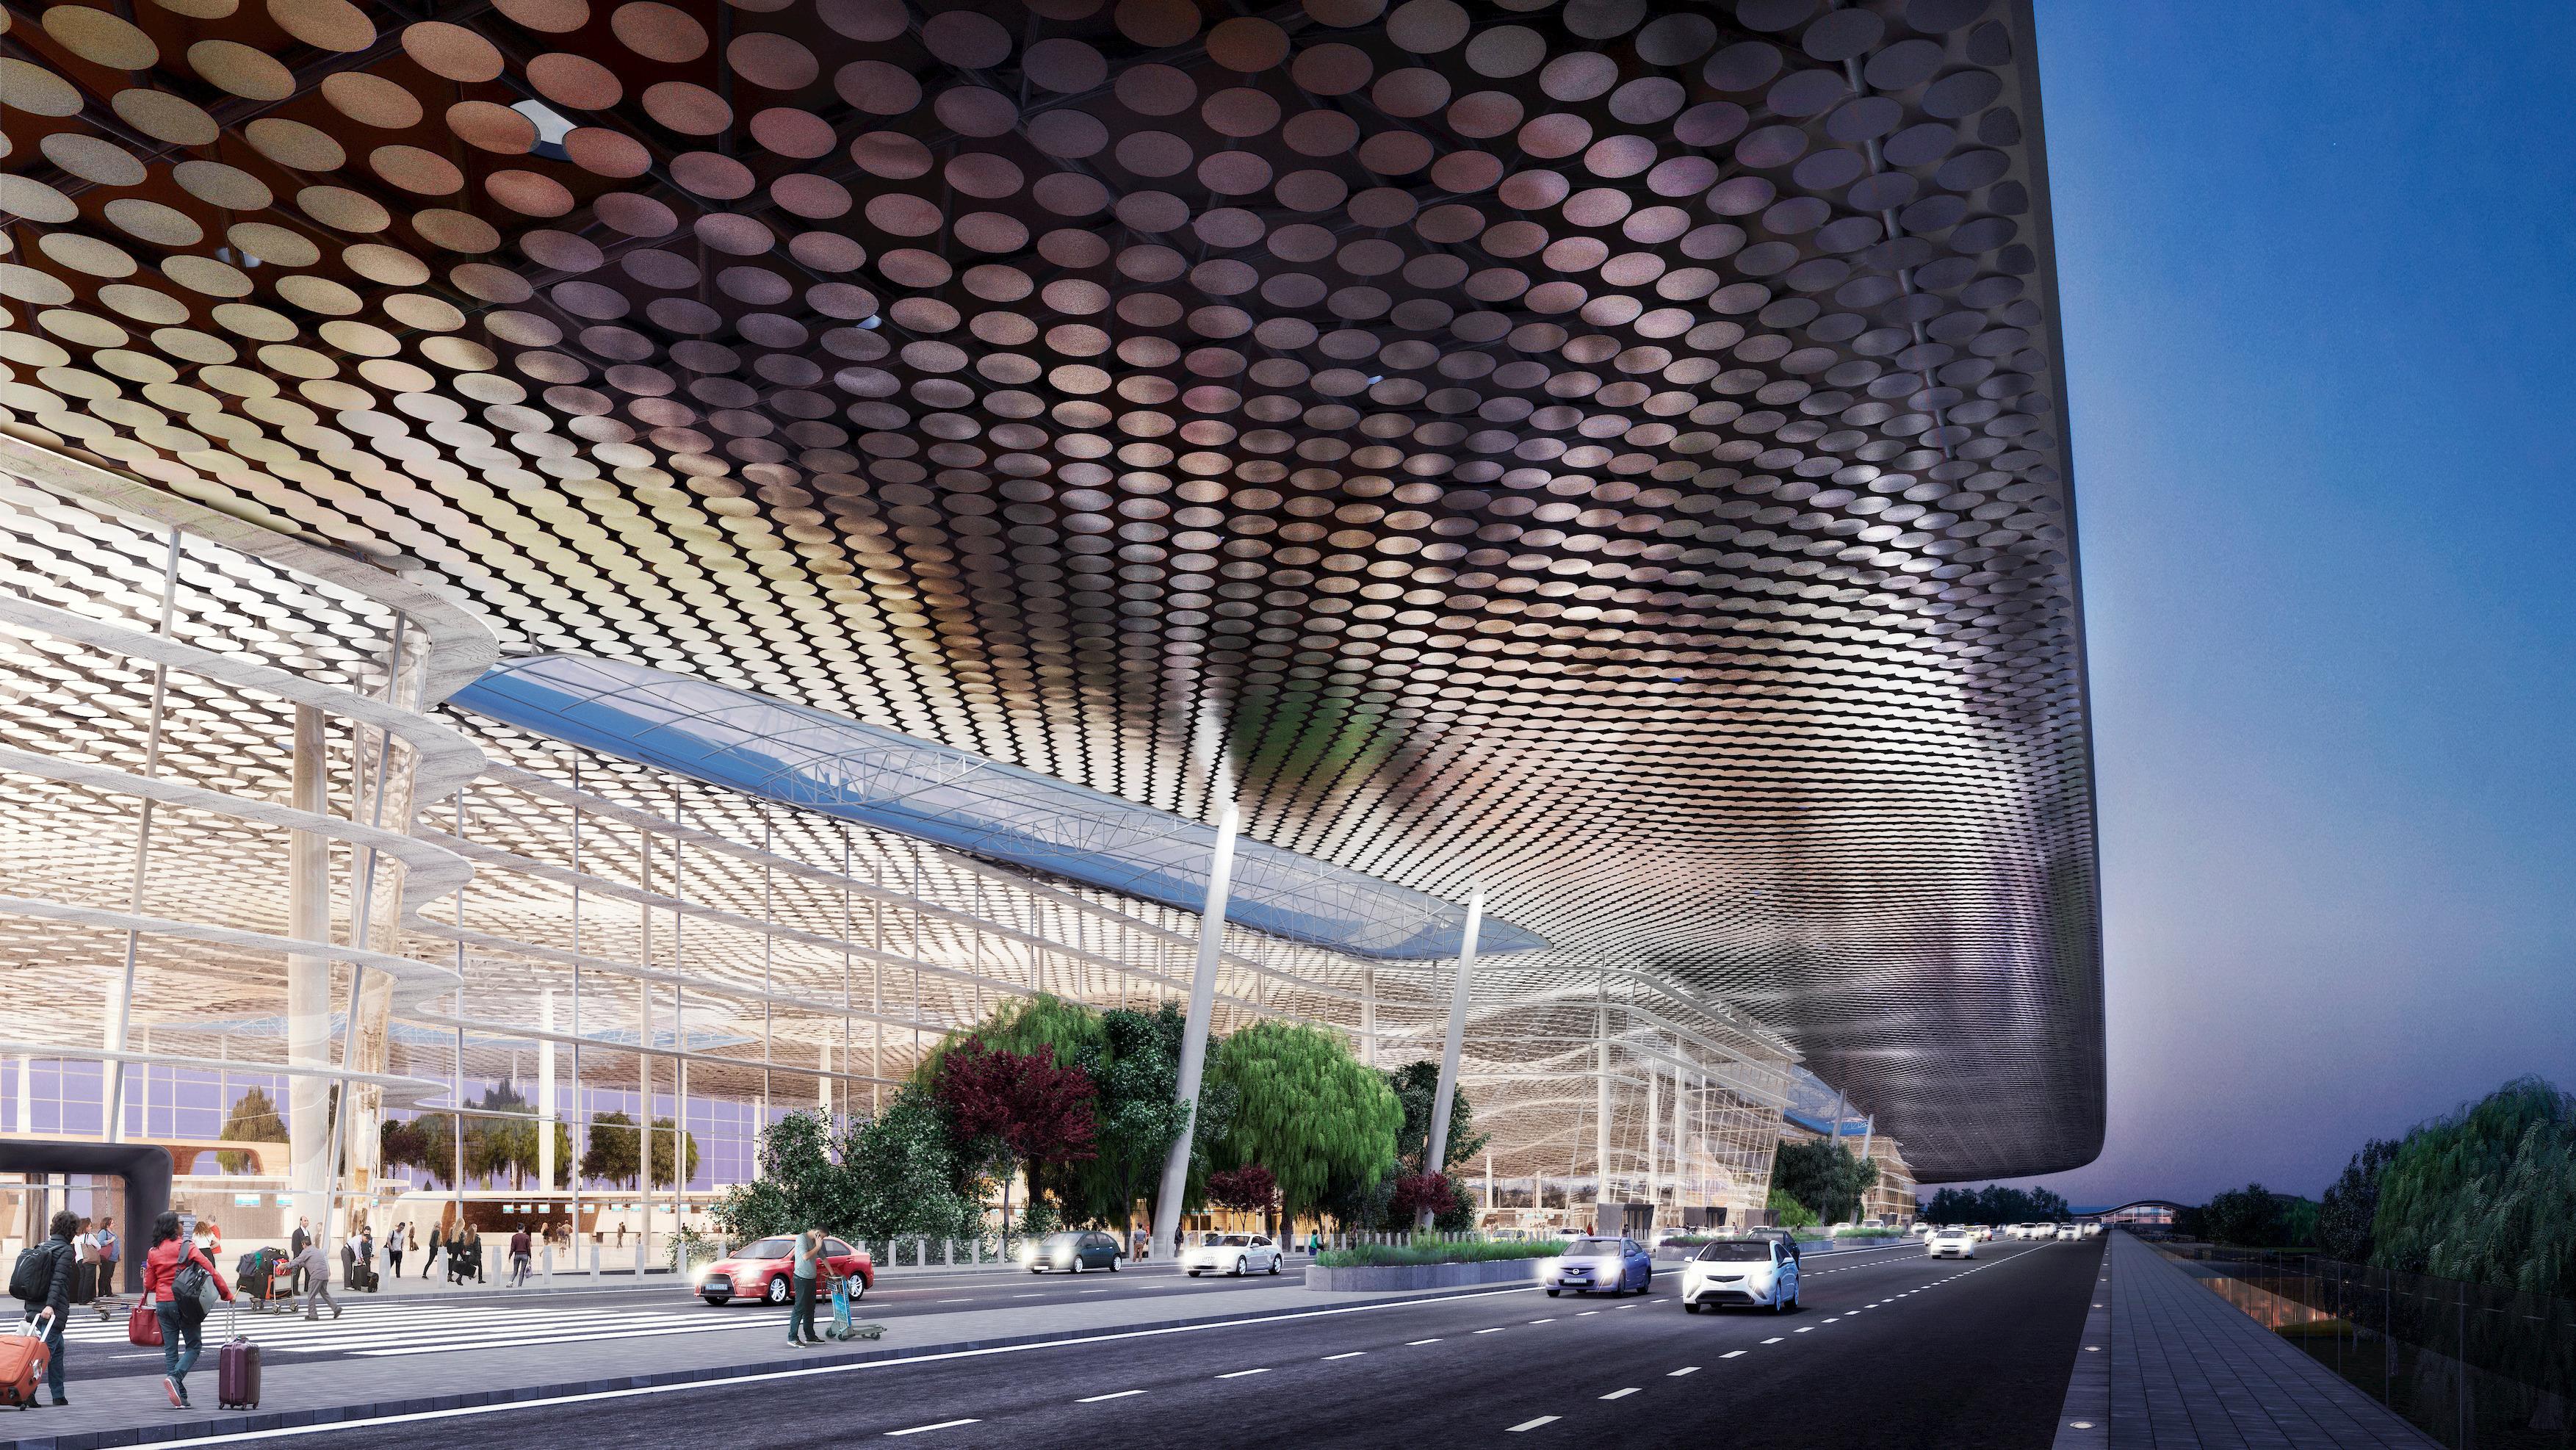 863 Hangzhou Xiaoshan Airport 863 a4